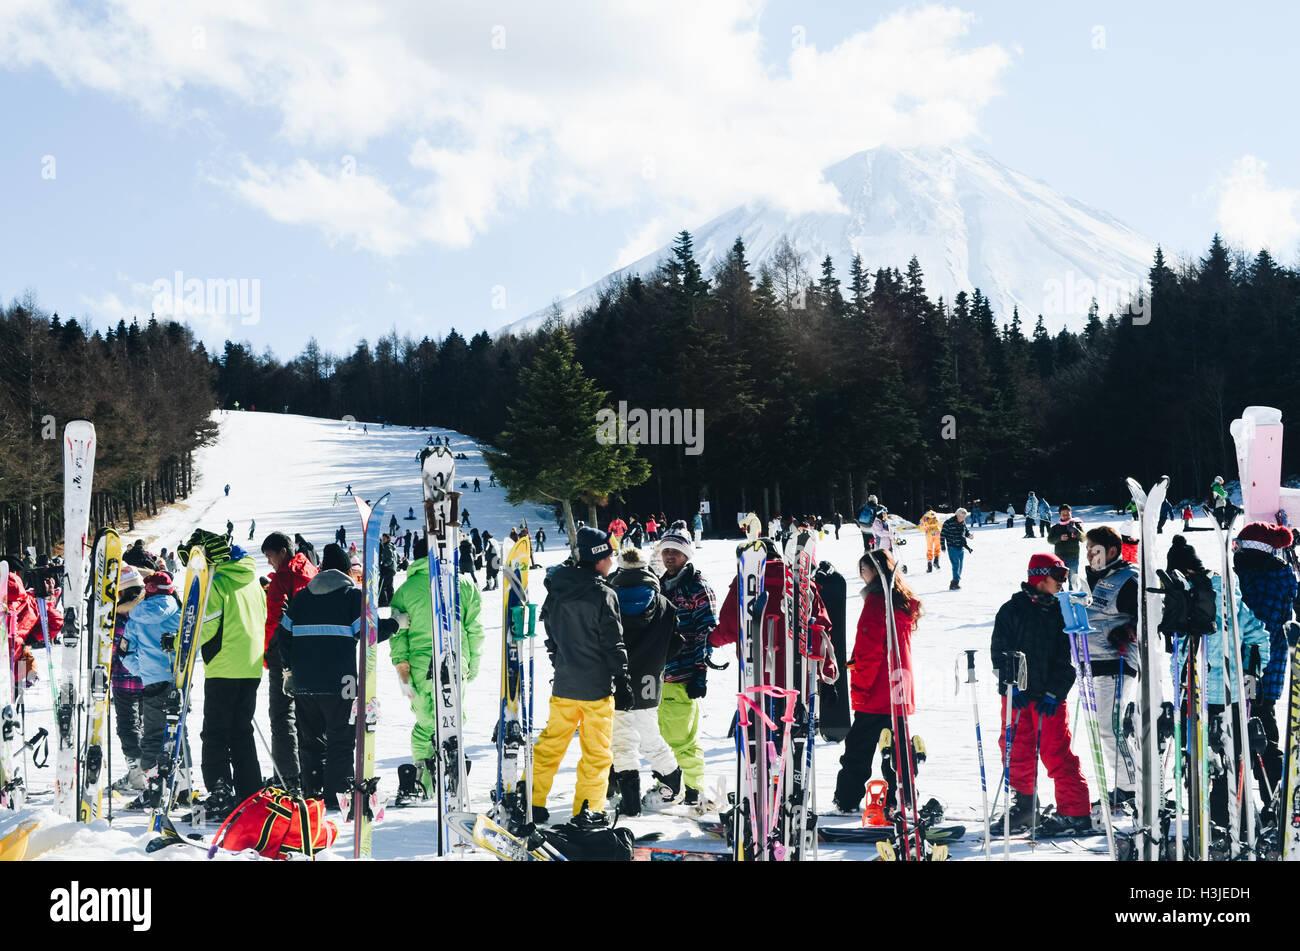 Gruppe von Skifahrern am Fuße des Berges zu einem Skigebiet Stockbild